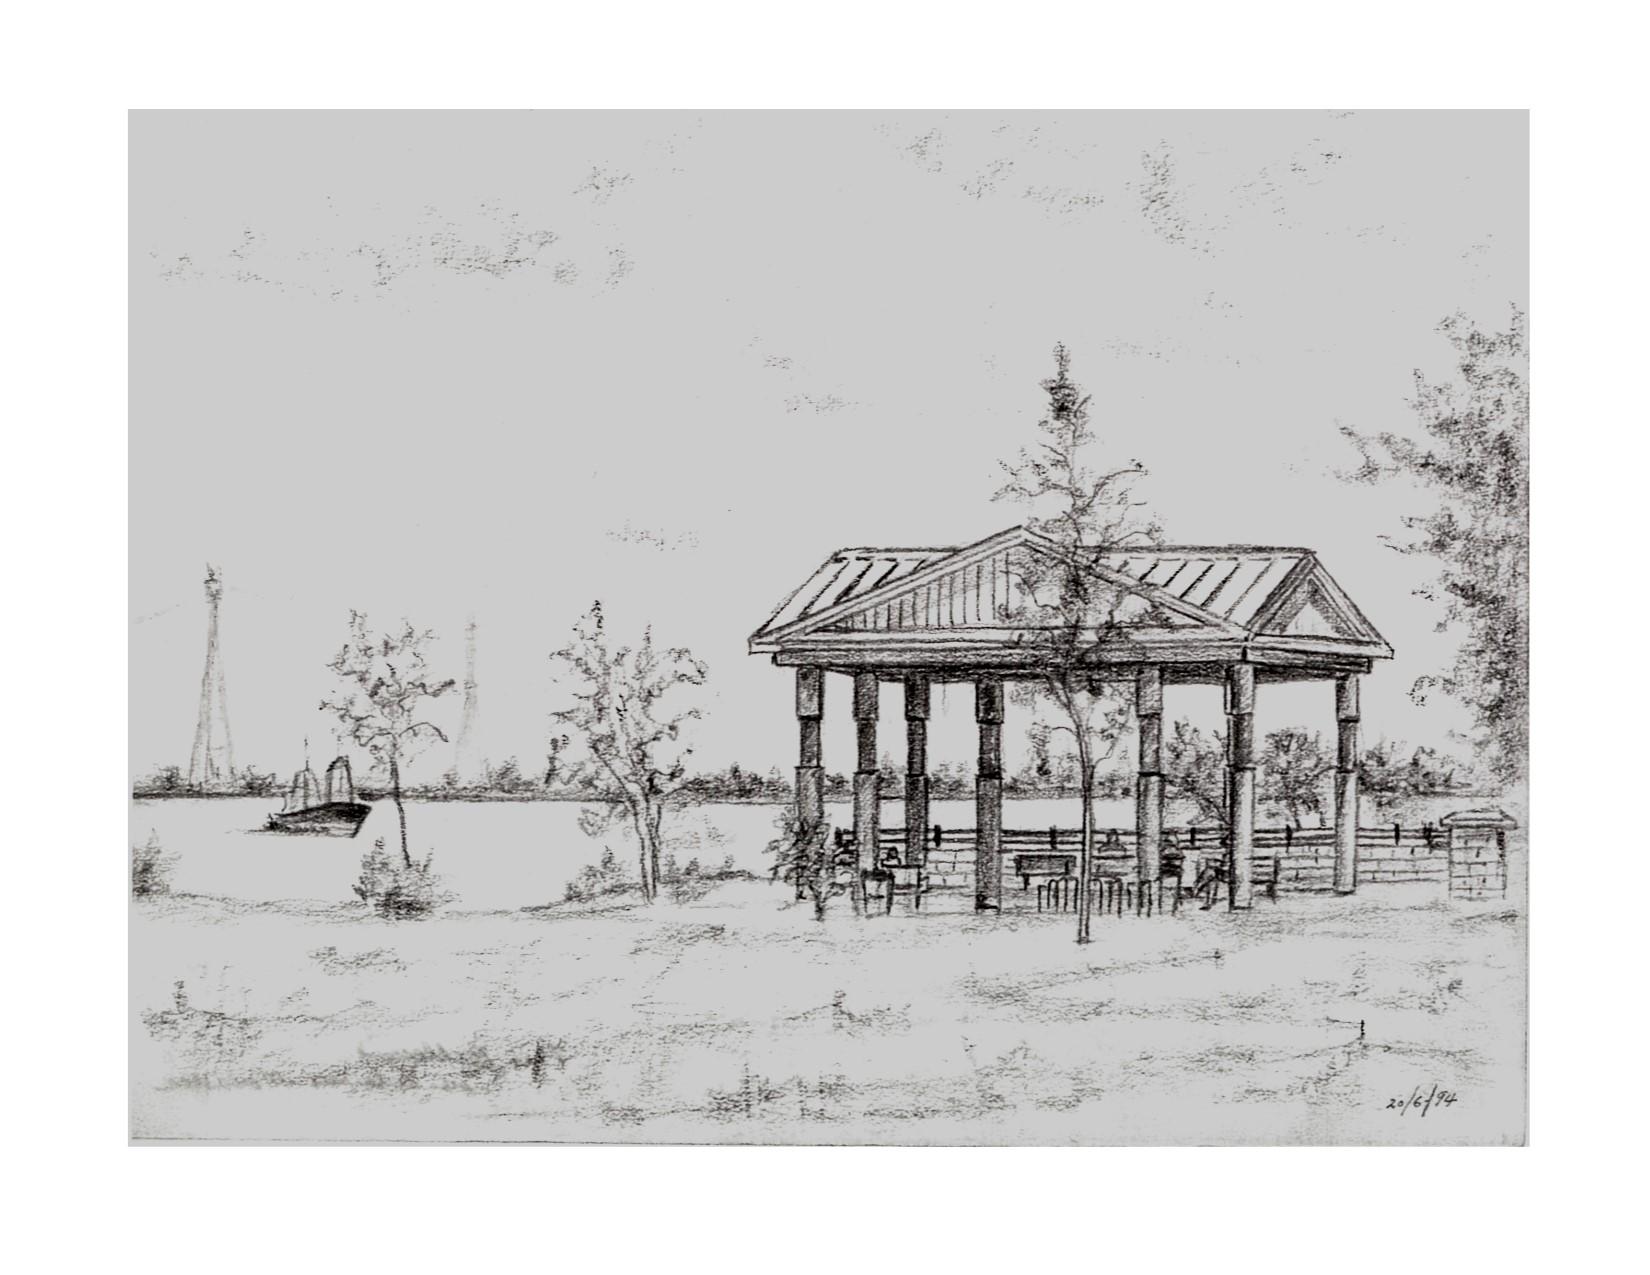 RICHARD JEAN-GUY (1929-2017)  Sans titre, 1994  Crayon plomb sur papier à dessin  13'' x 15''  *Exposé actuellement dans la salle polyvalente du chalet d'accueil